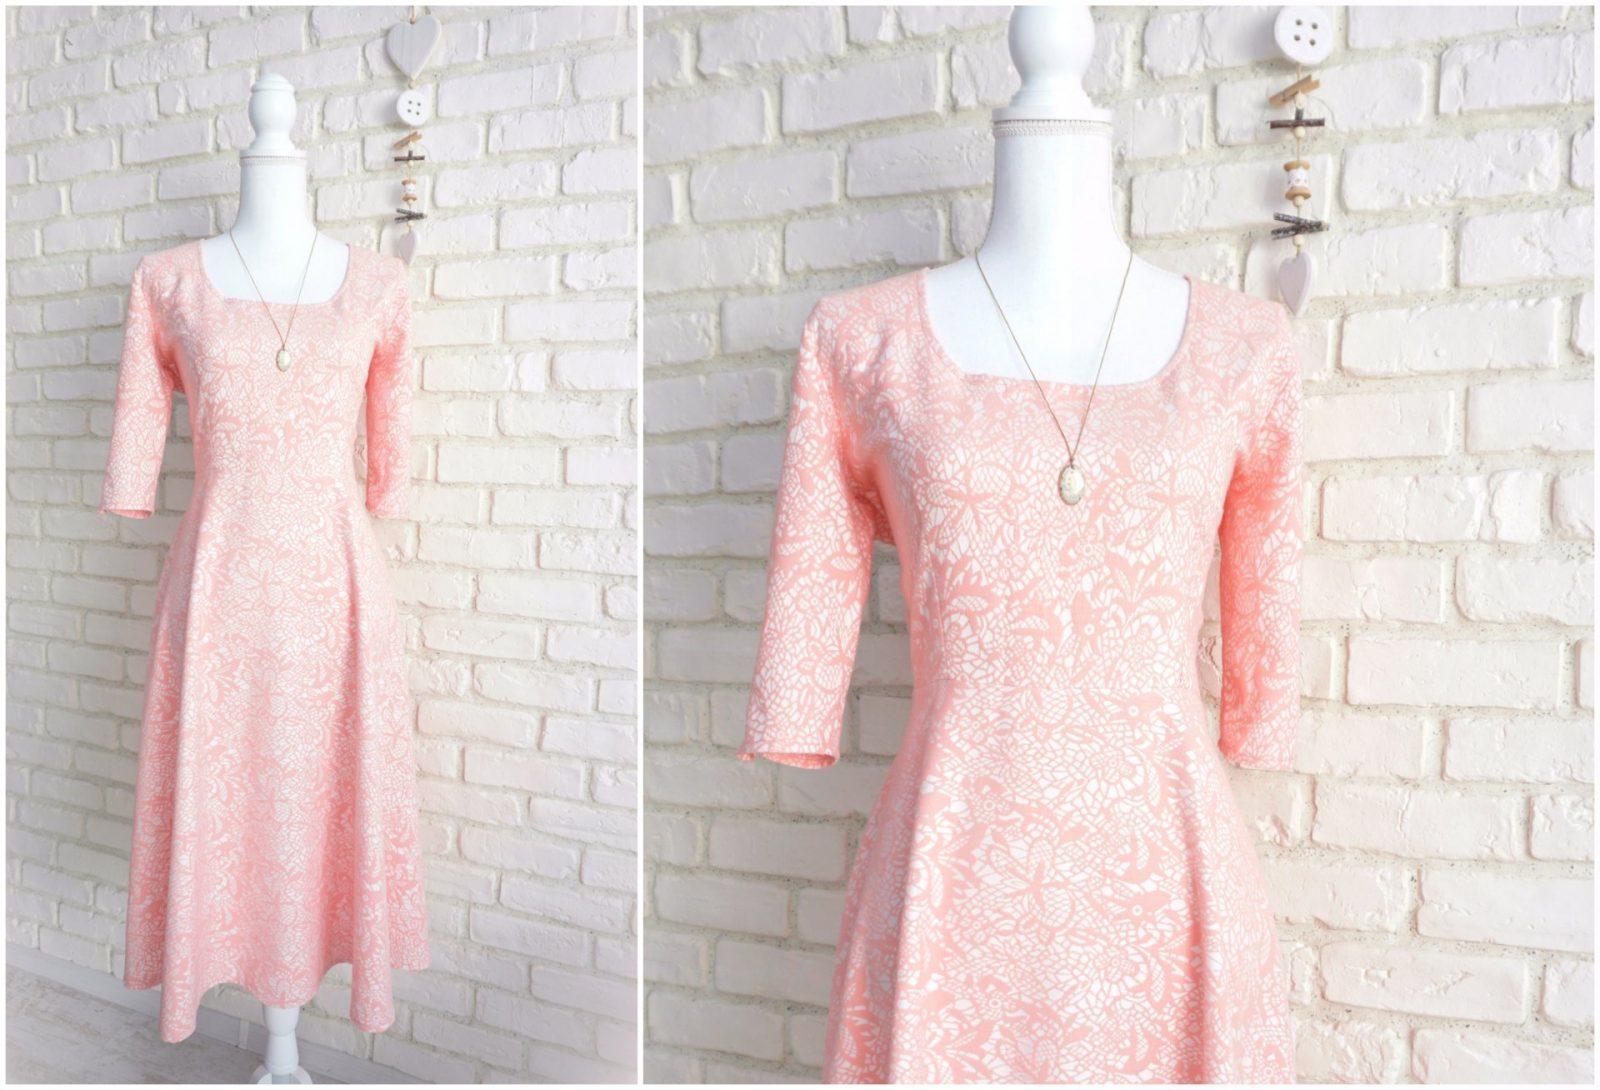 Rochie Clos Eleganta – jacquard roz pastel